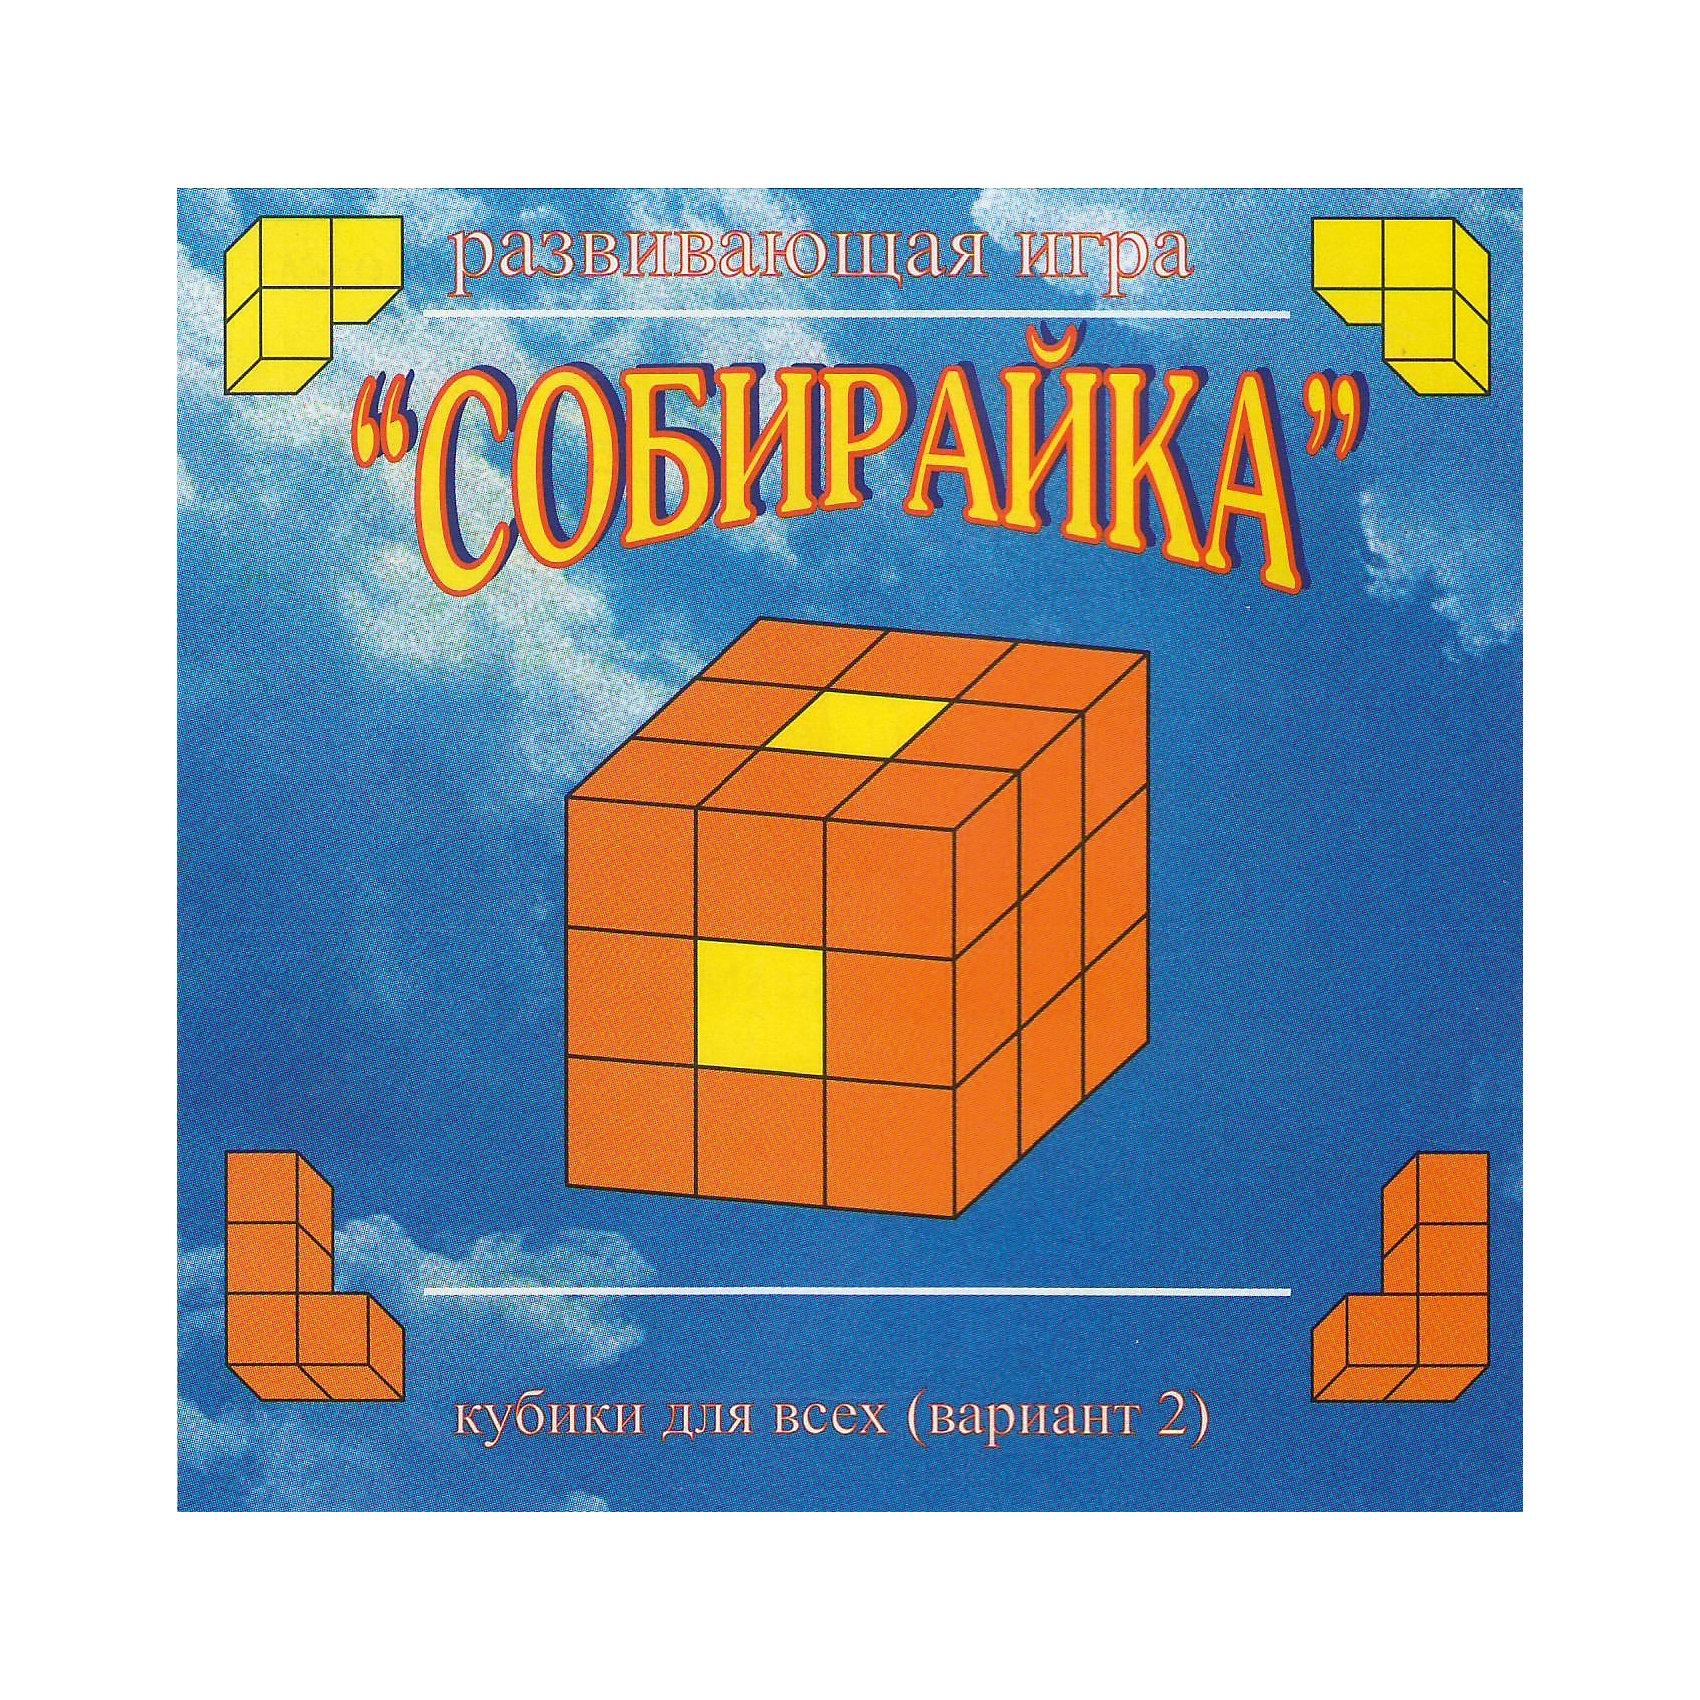 Развивающая игра «Собирайка. Кубики для всех»№2-Собирайка-состоит из шести фигур, склеенных из четырёх кубиков похожих на букву Г, и одного уголка. Кубики для всех - это занимательные игры для детей от 2,5 лет и старше. Они развивают внимание, память (особенно зрительную), комбинаторные способности, пространственное представление и воображение, логическое мышление, смекалку и сообразительность. Игры интересны ребёнку тем, что он, неожиданно для себя, создаёт конструкцию, автором которой и является.  Из элементов разной конфигурации можно составлять модели как на плоскости, так и в объёме.<br><br>Ширина мм: 9<br>Глубина мм: 9<br>Высота мм: 9<br>Вес г: 150<br>Возраст от месяцев: 36<br>Возраст до месяцев: 2147483647<br>Пол: Унисекс<br>Возраст: Детский<br>SKU: 4803017